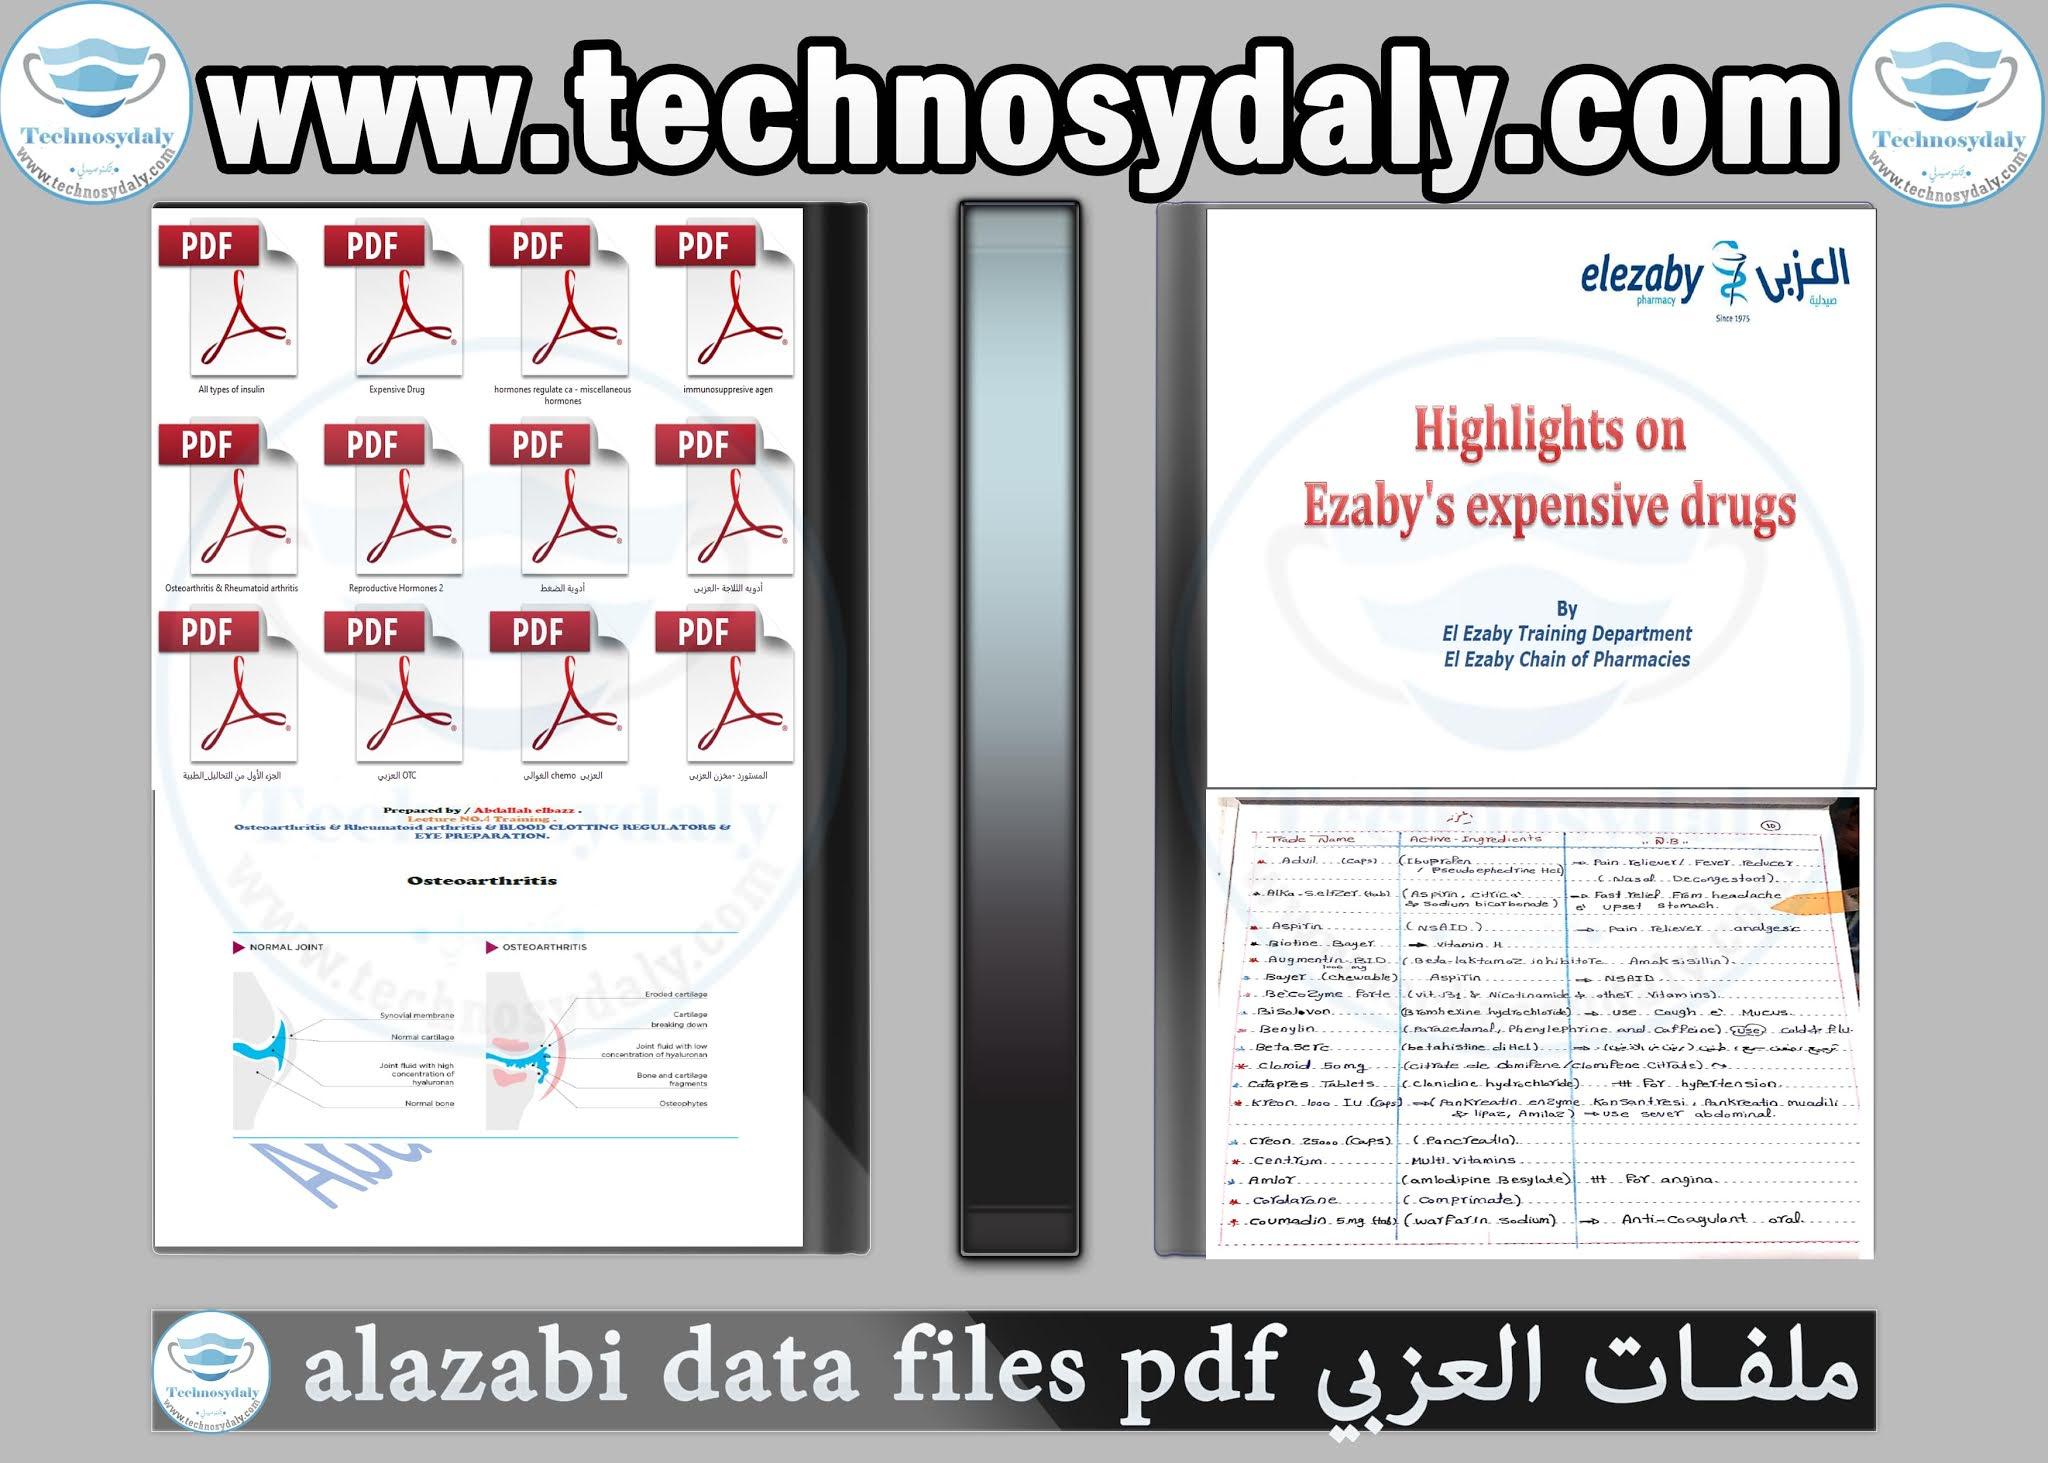 ملفات العزبي alazabi data files pdf